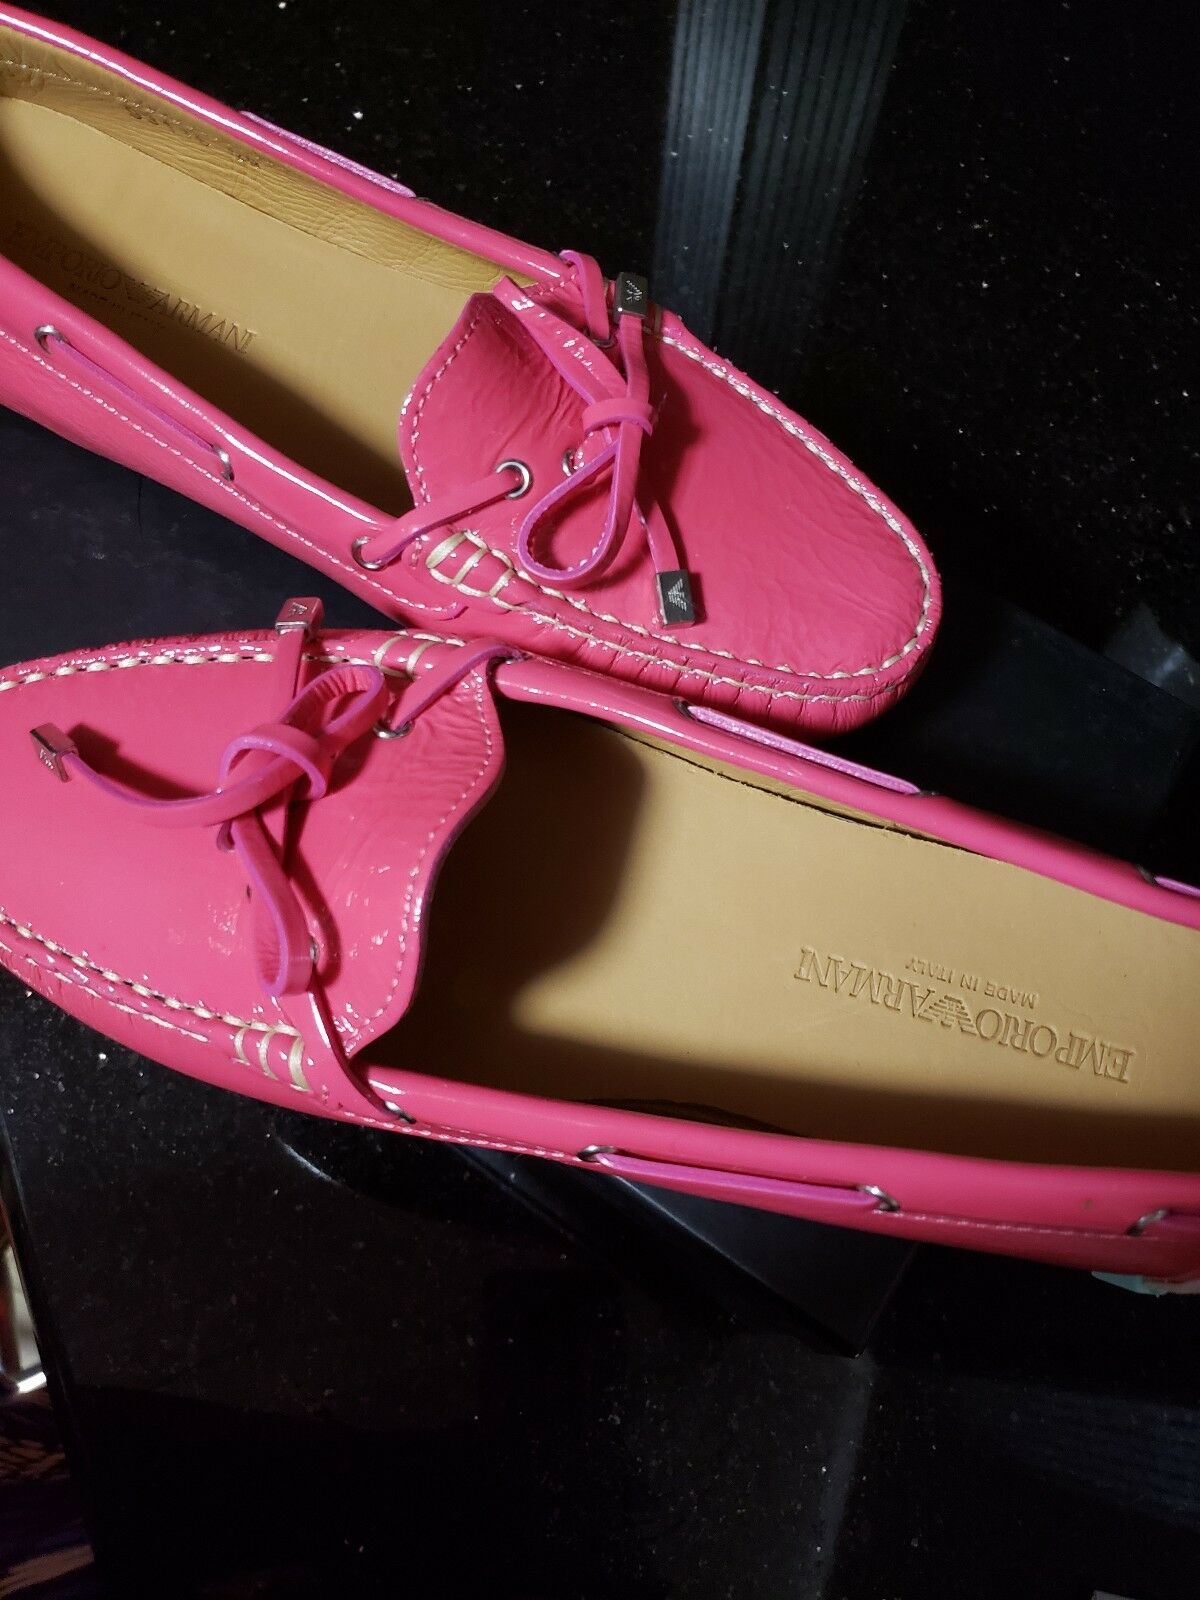 Emporio Armani Mujer Zapatos, Zapatos, Zapatos, Talla 9, totalmente nuevo, Hecho Italia  Envíos y devoluciones gratis.